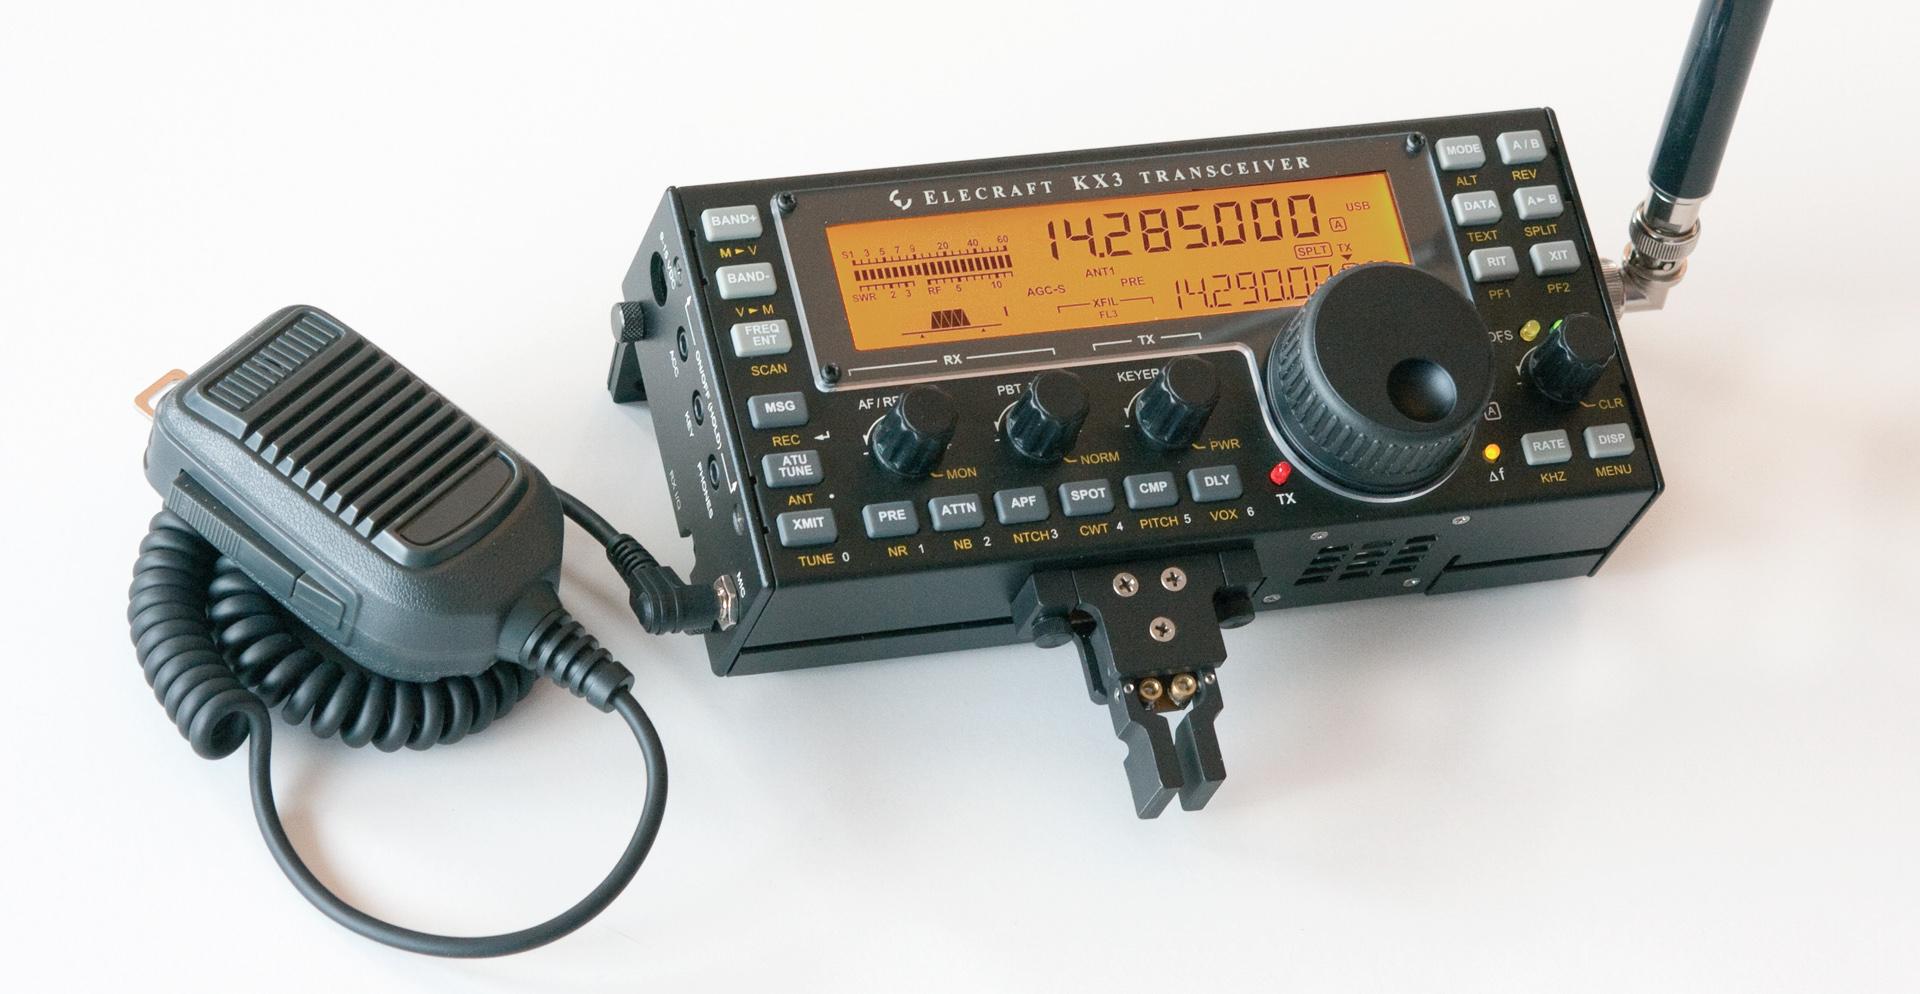 elecraft-kx3-transceiver